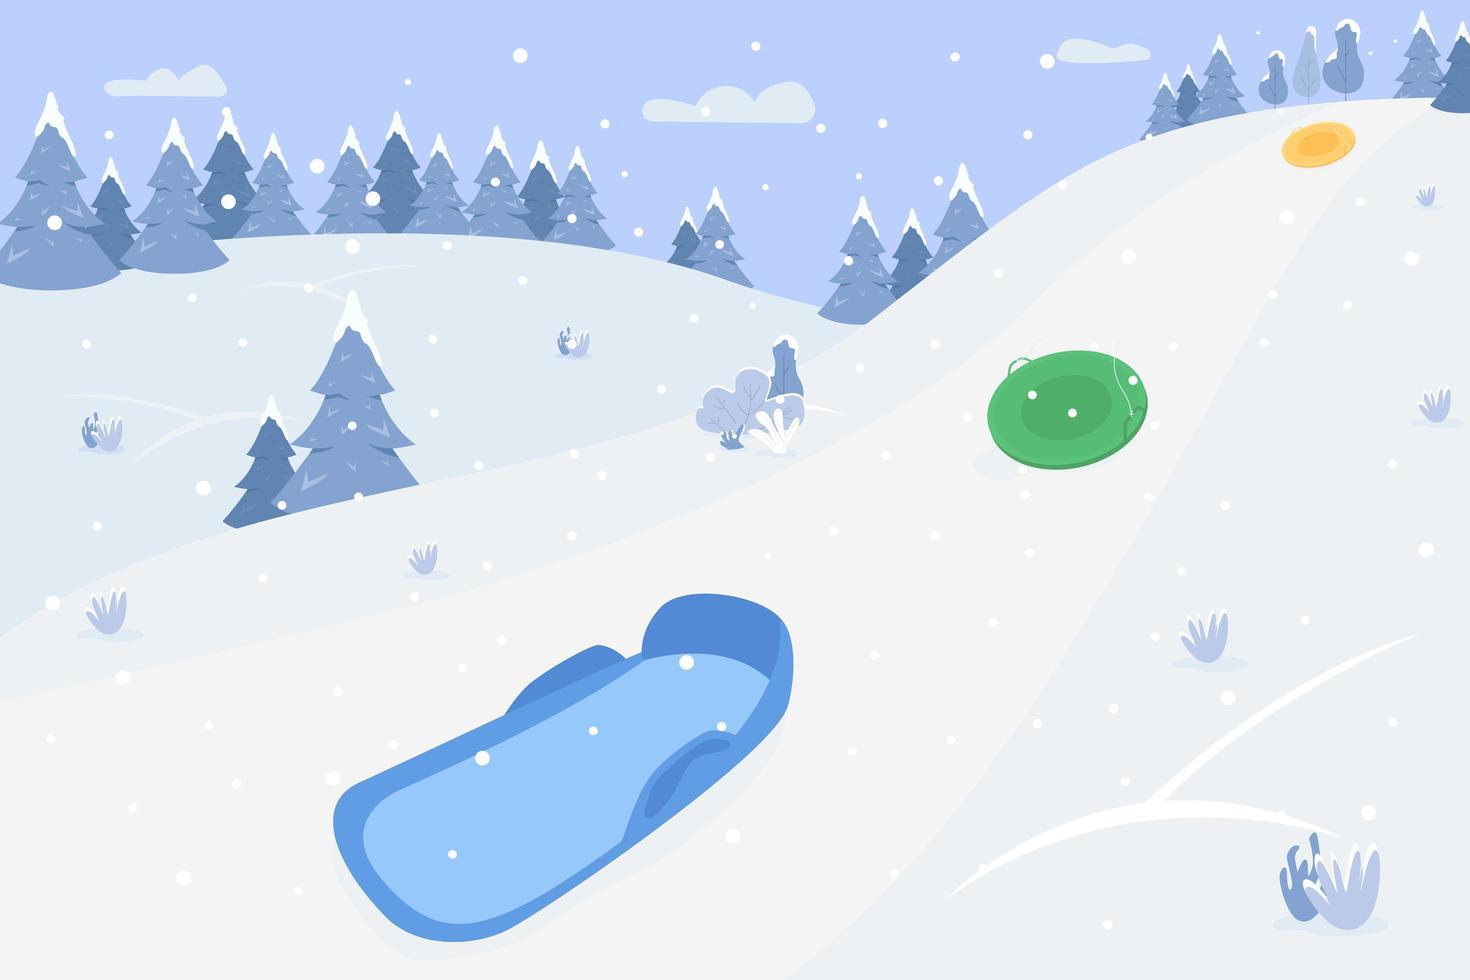 Colinas de nieve con trineos ilustración vectorial semi plana vector